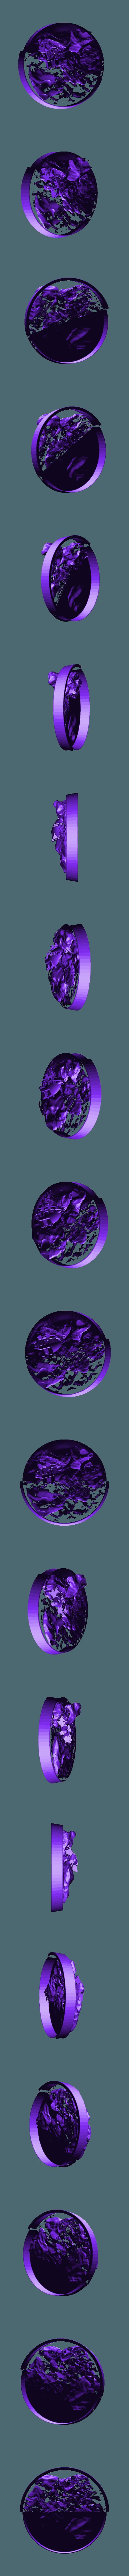 Ranger_3.1_-_Base.stl Télécharger fichier STL gratuit Rangers mécanisés martiens • Plan à imprimer en 3D, ErikTheHeretek